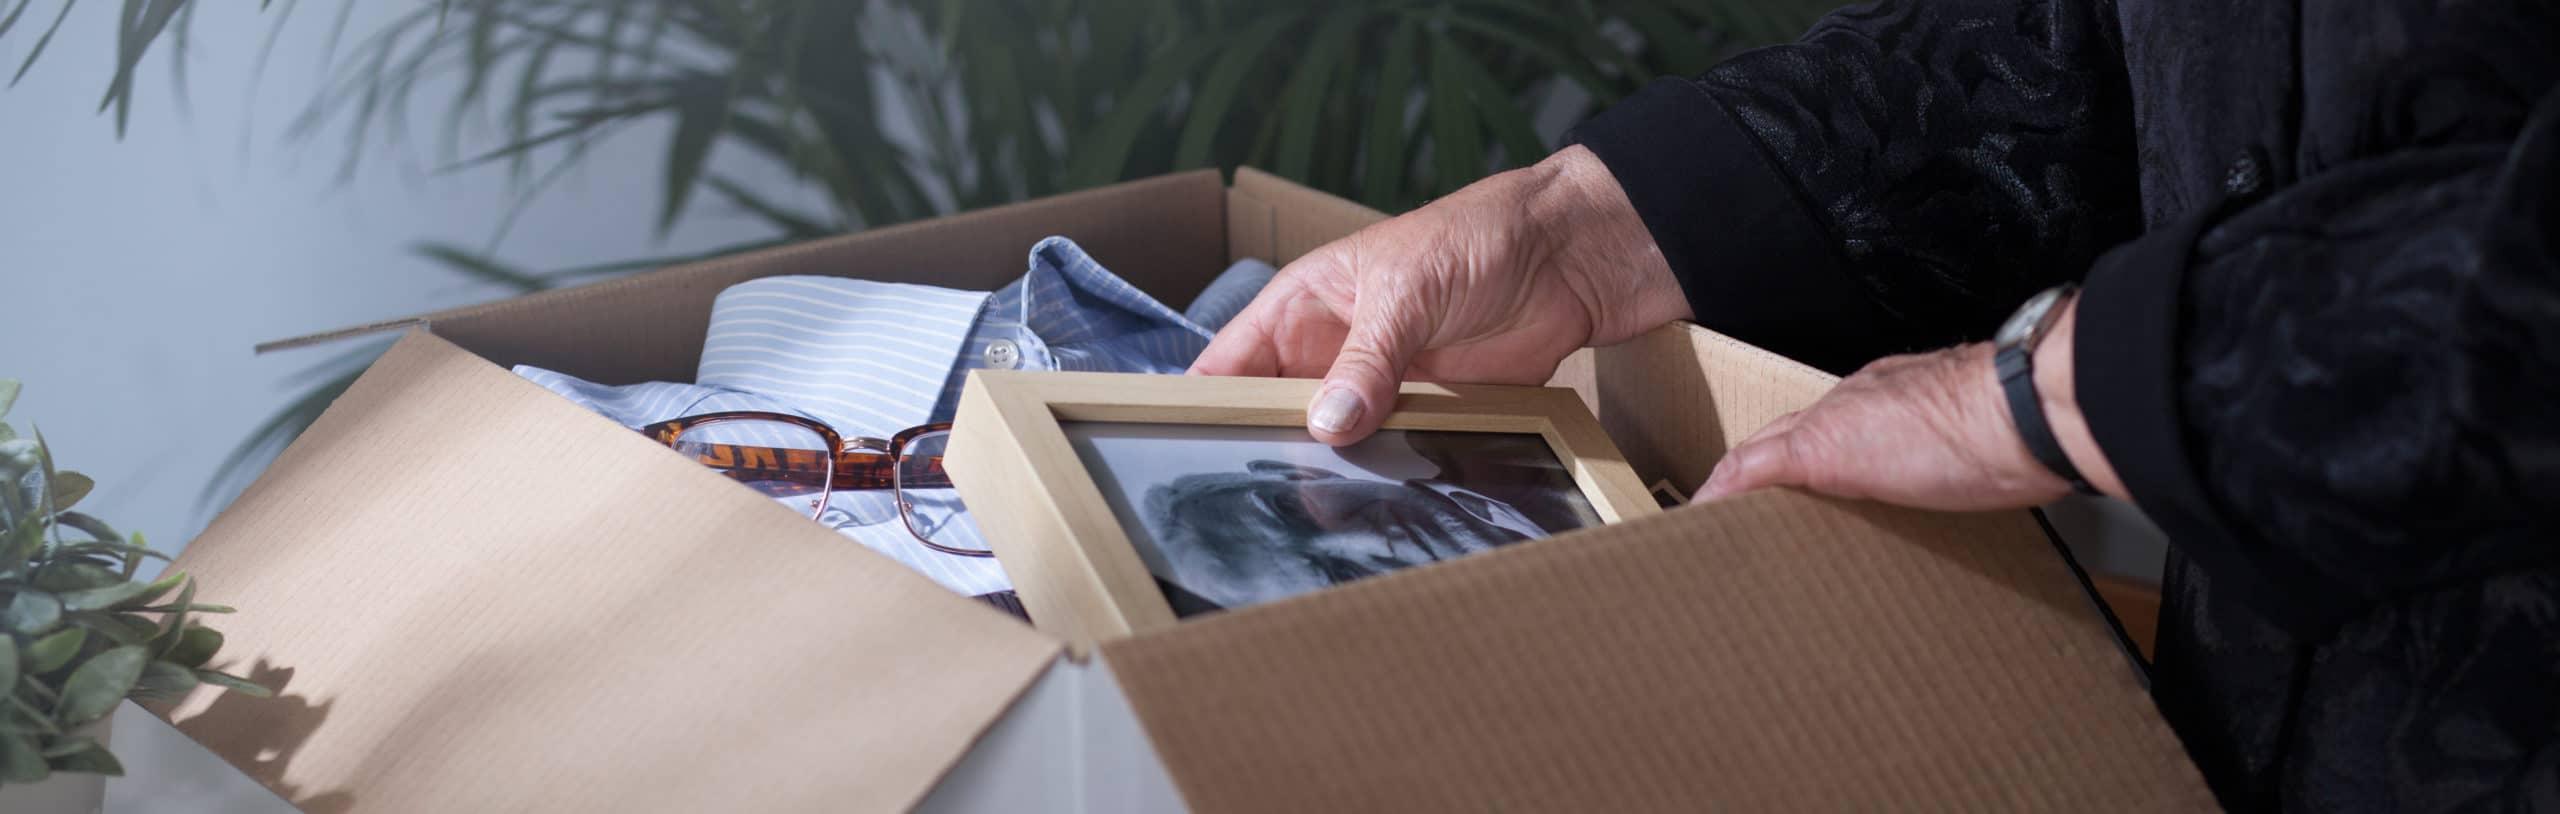 fotografie wyjmowane zpudełka